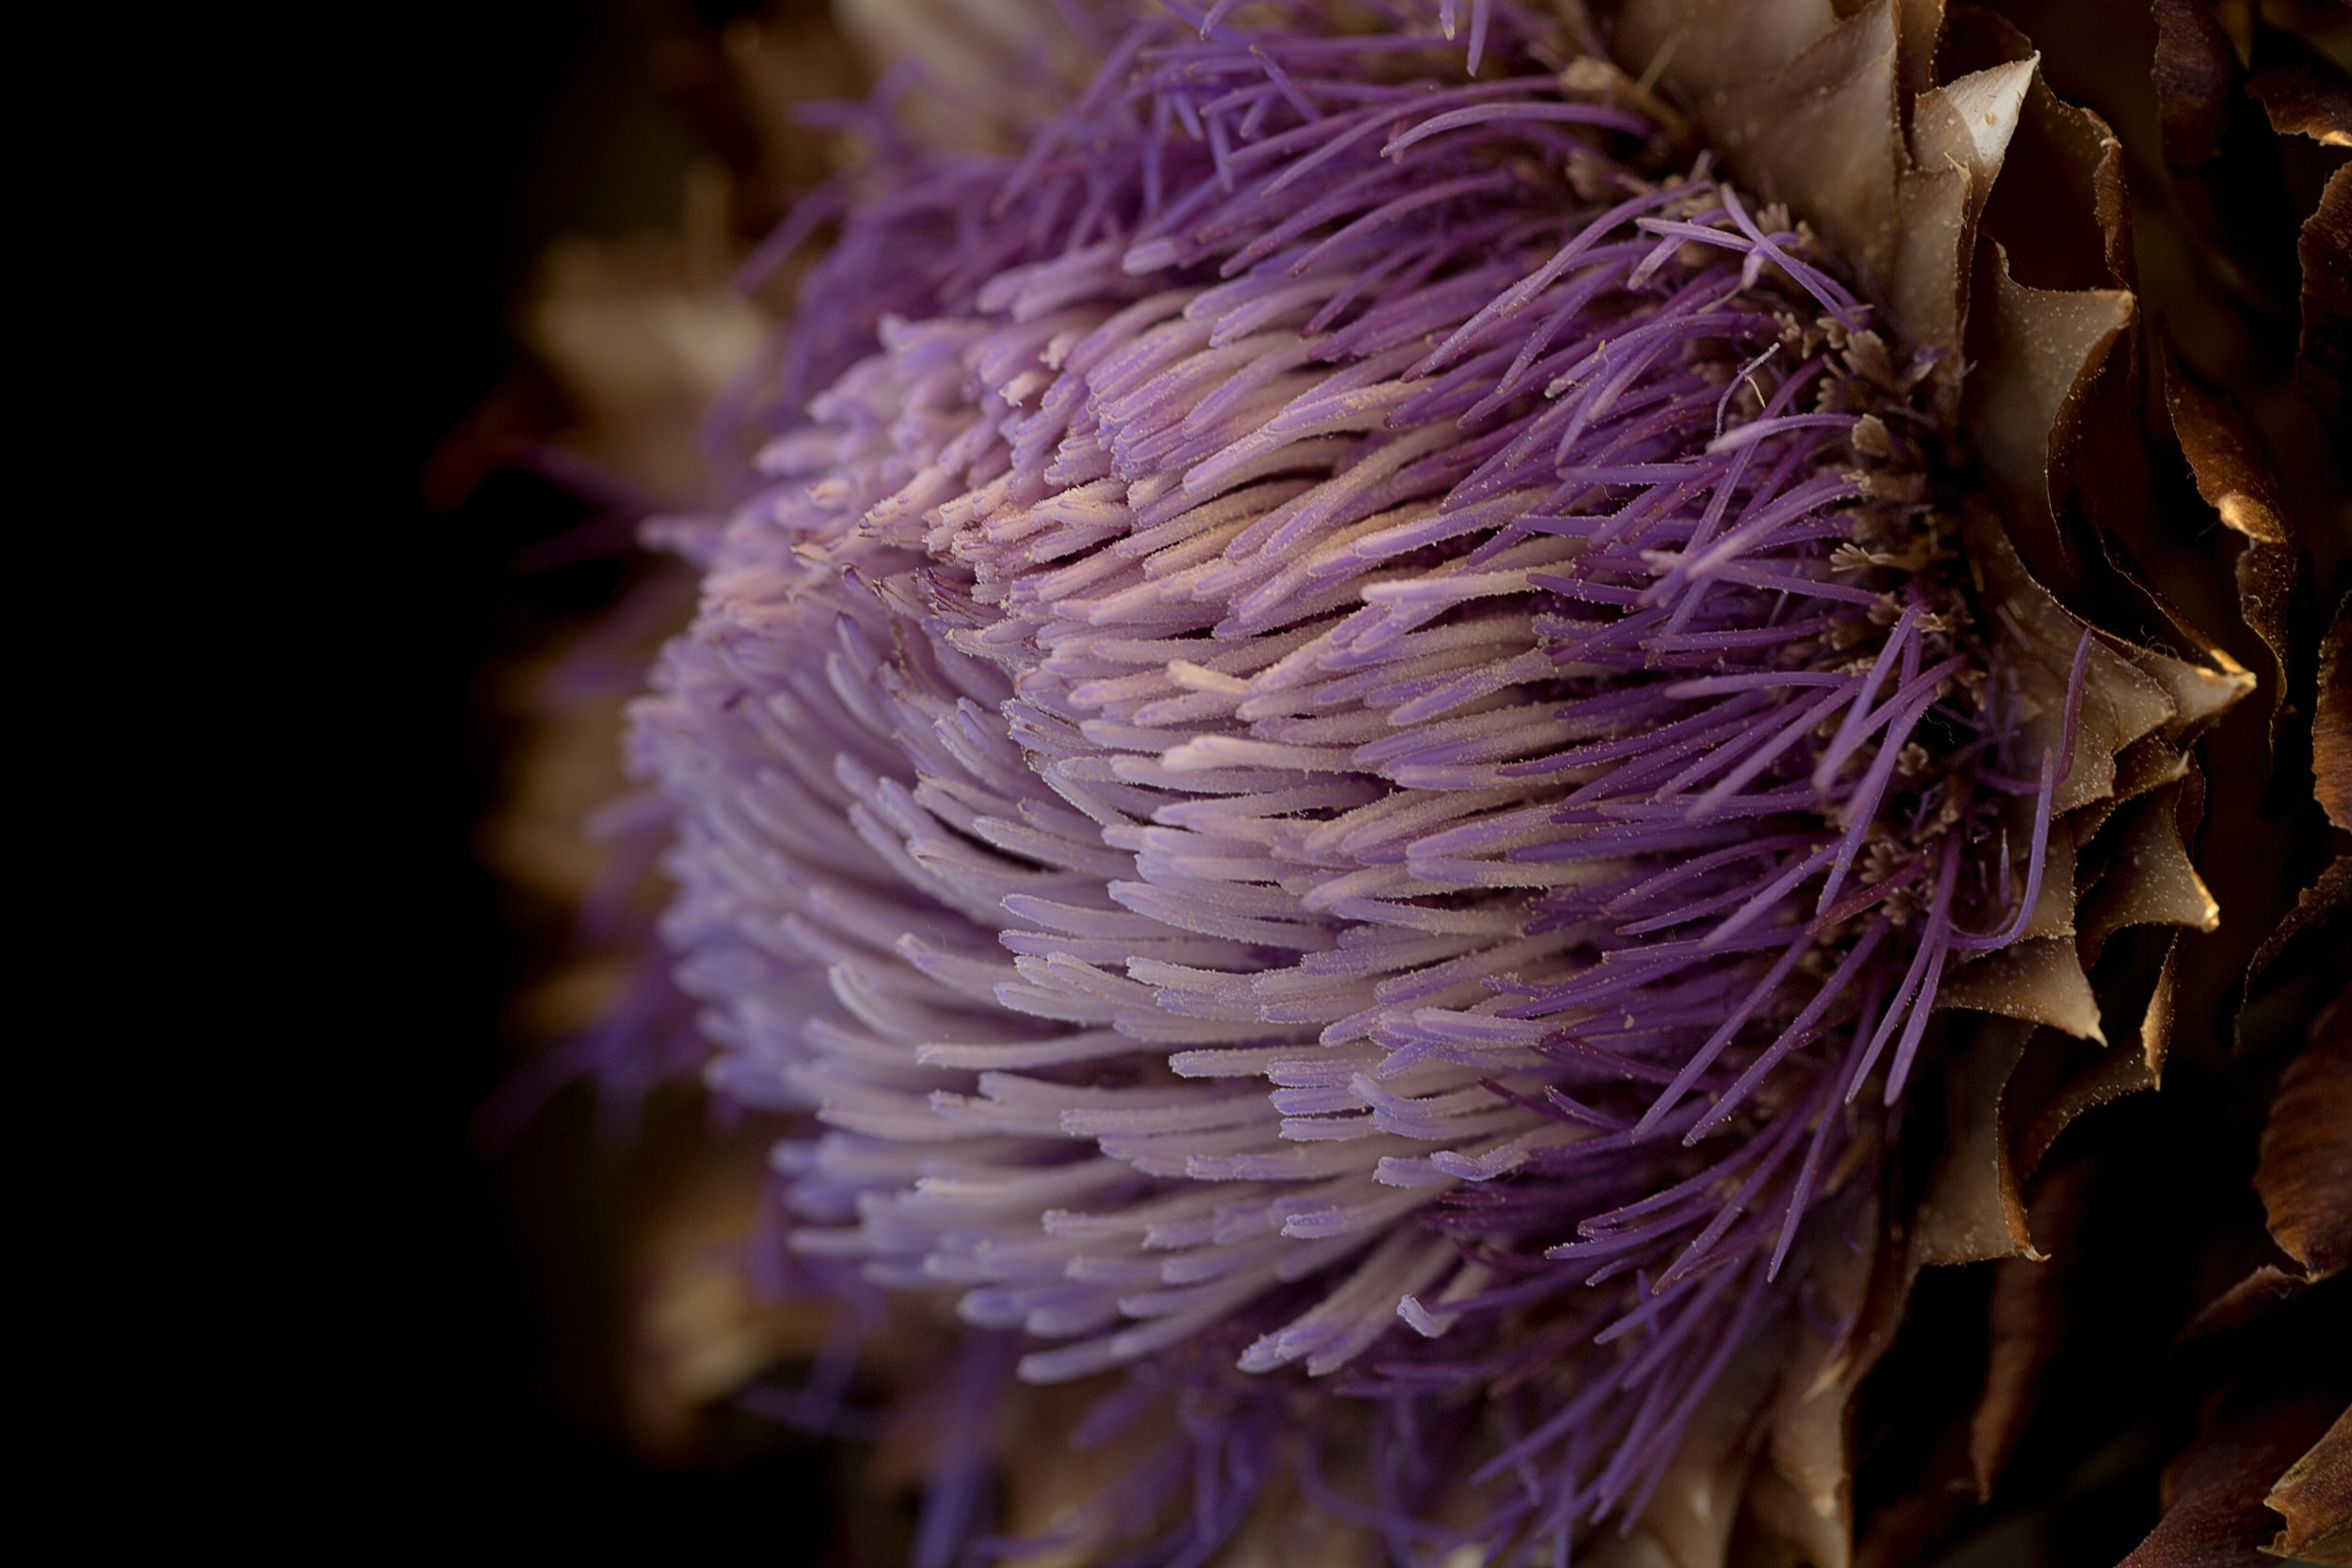 Detailaufnahme einer Artischockenblüte.